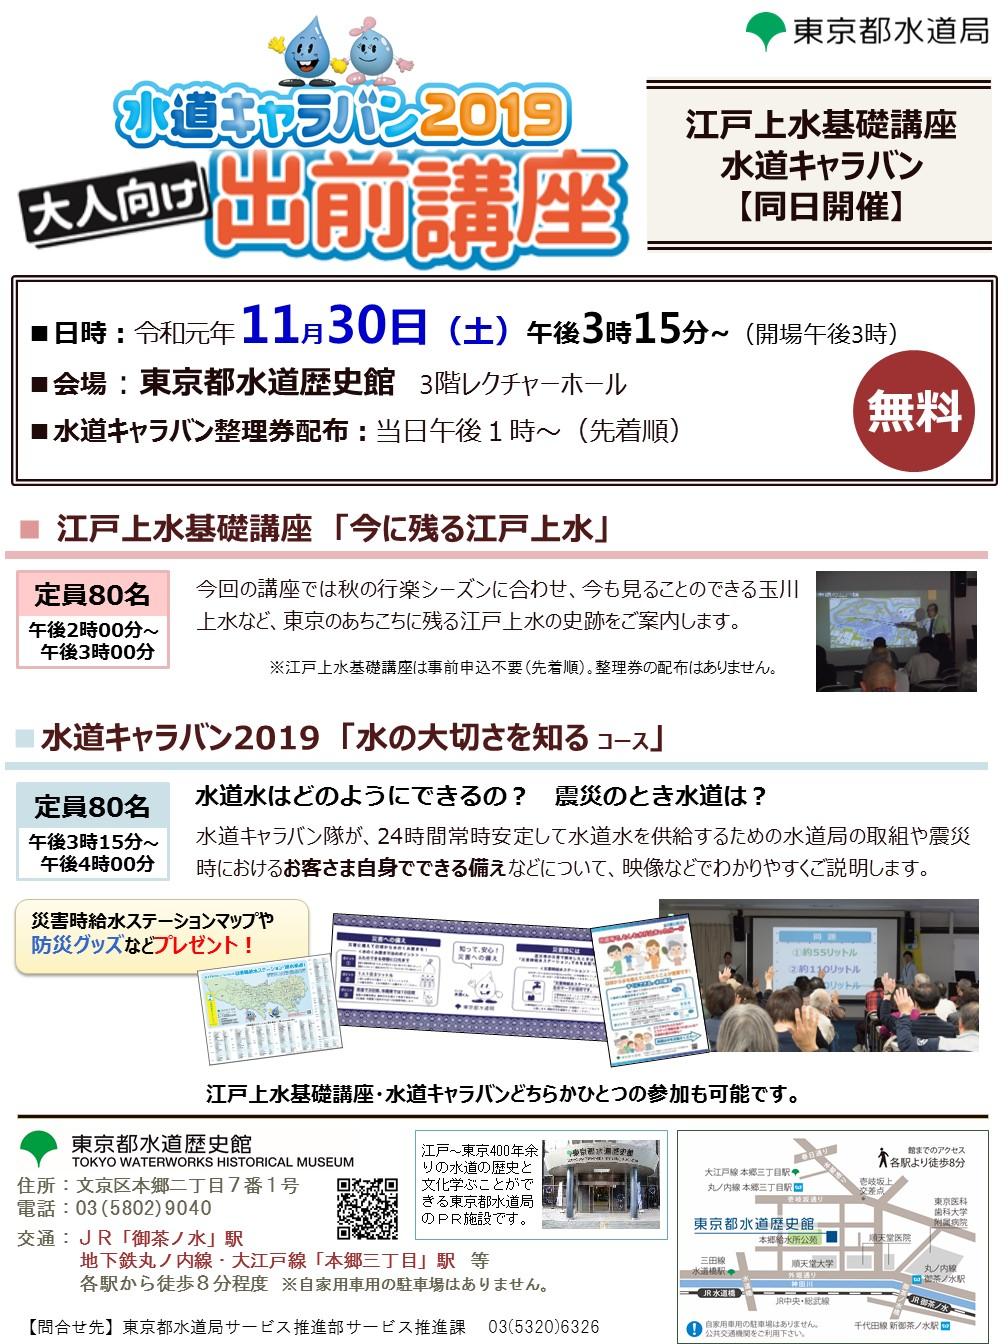 <12/1東京水道の日関連>水道キャラバン出前講座「水の大切さを知るコース」